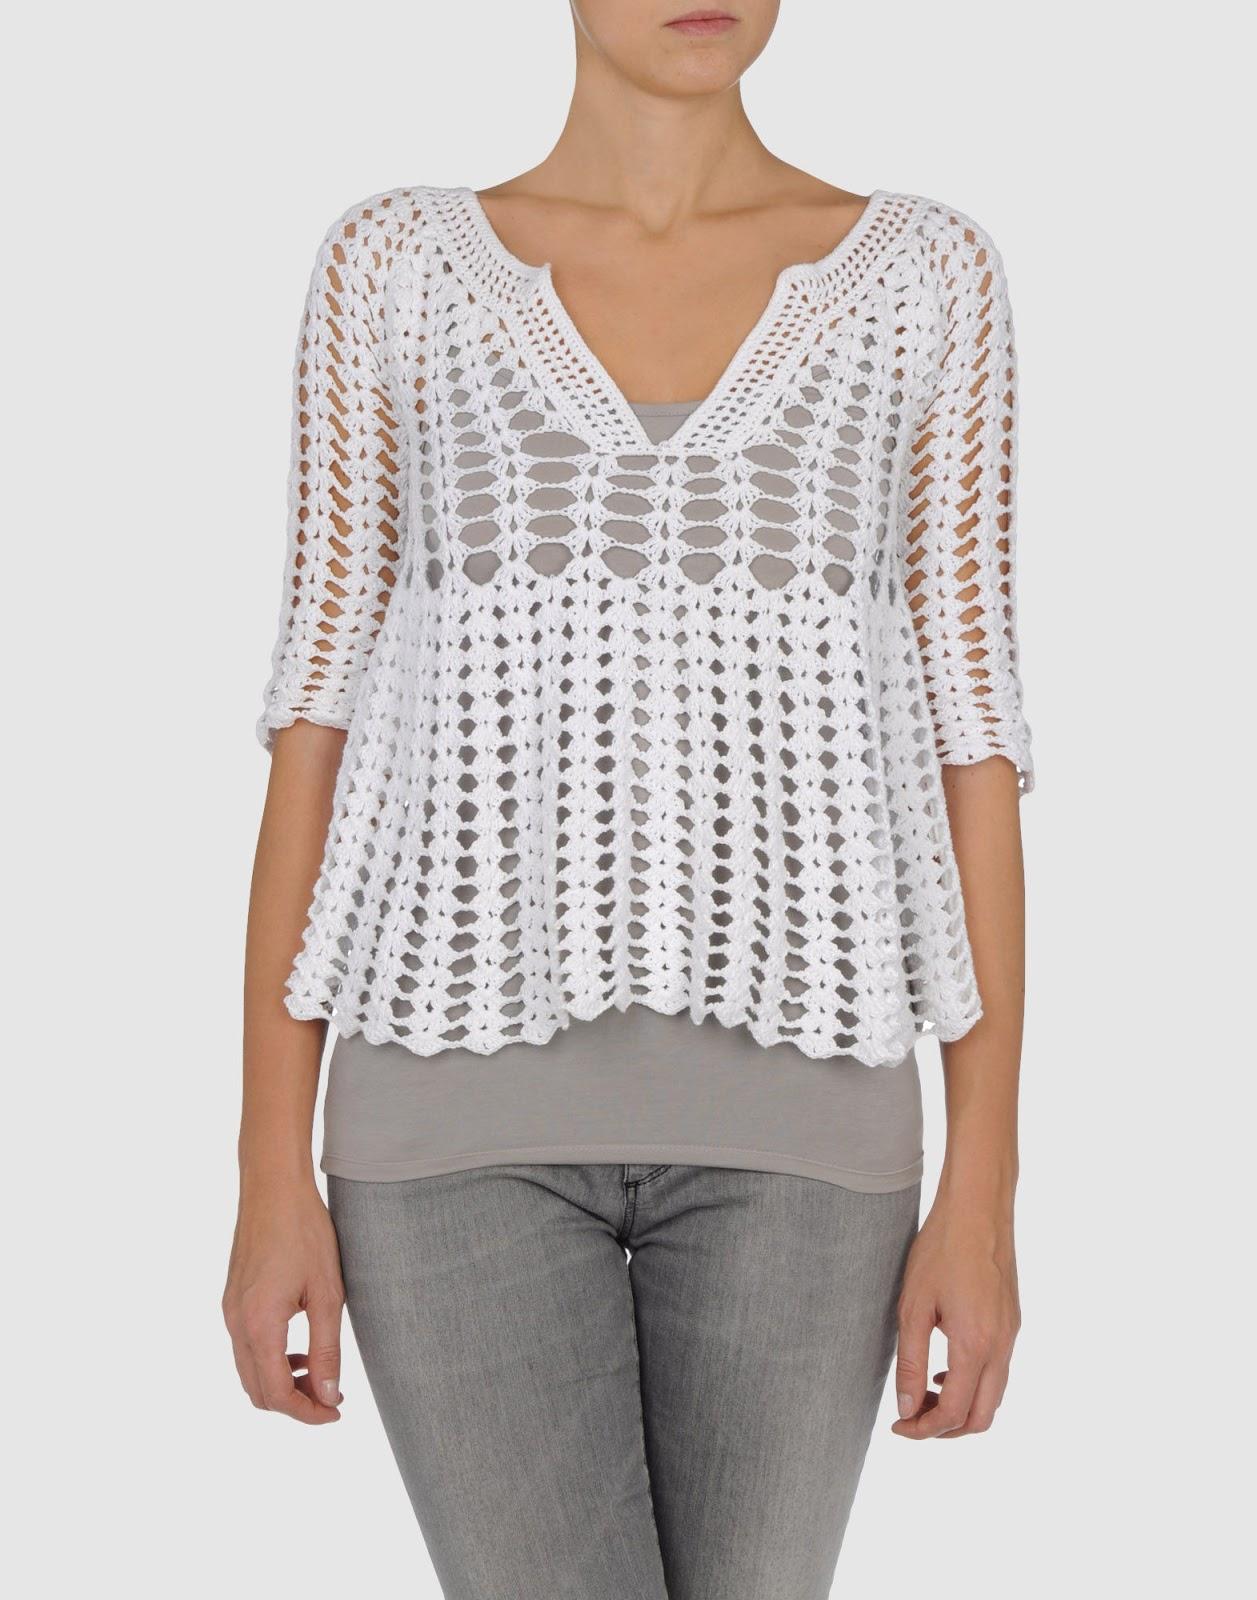 Mirad que blusa tan preciosa!!! Crochetemodax395